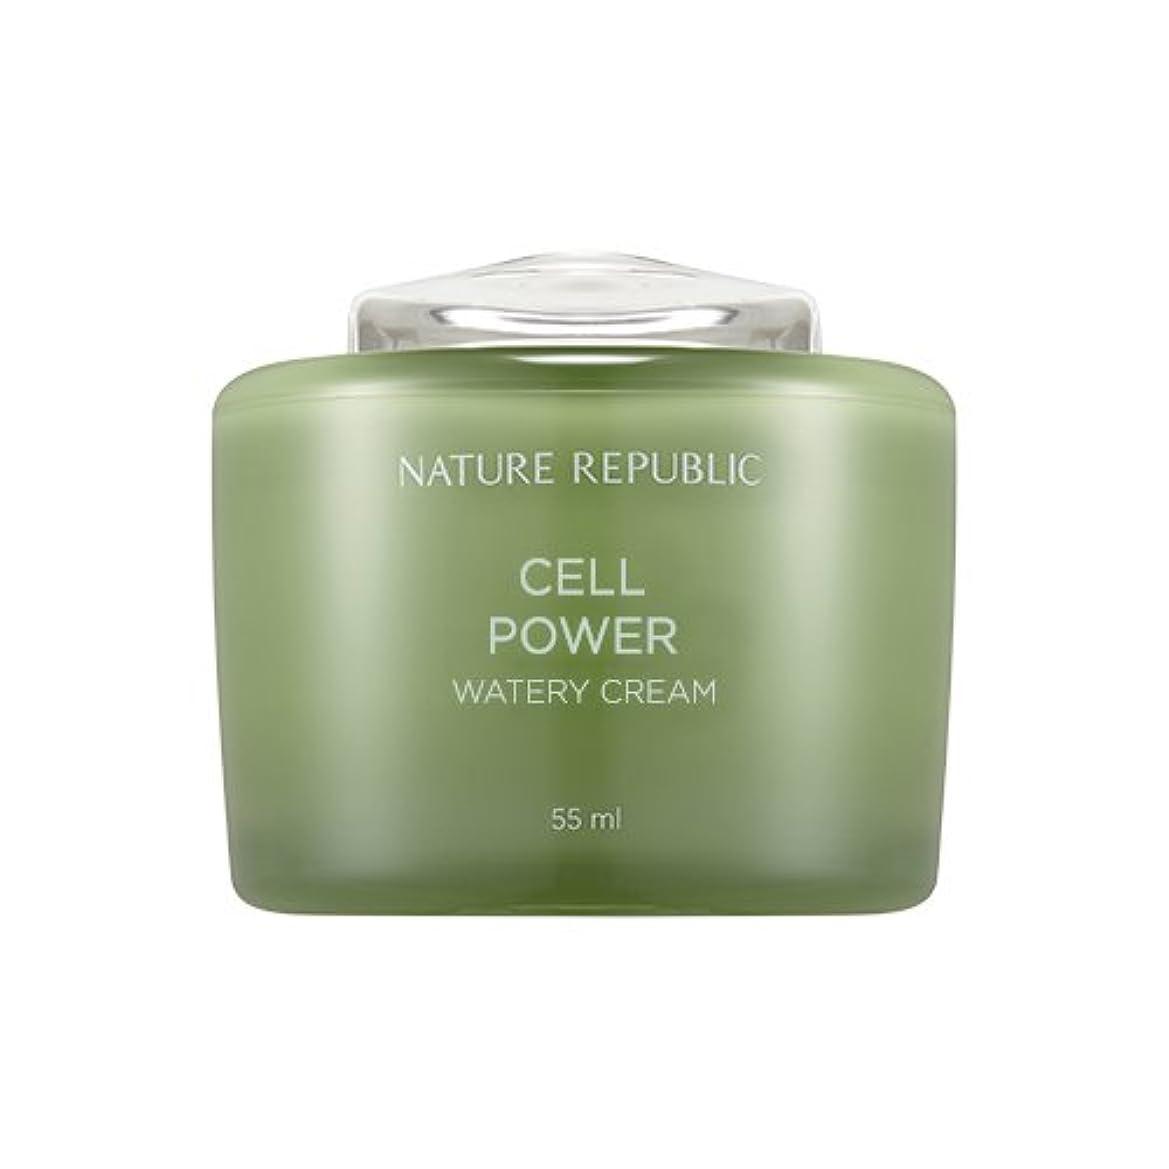 立派な民兵はずNature Republic Cell Boosting Watery Cream 55ml / ネイチャーリパブリックセルブースティングウォーターリークリーム 55ml [並行輸入品]